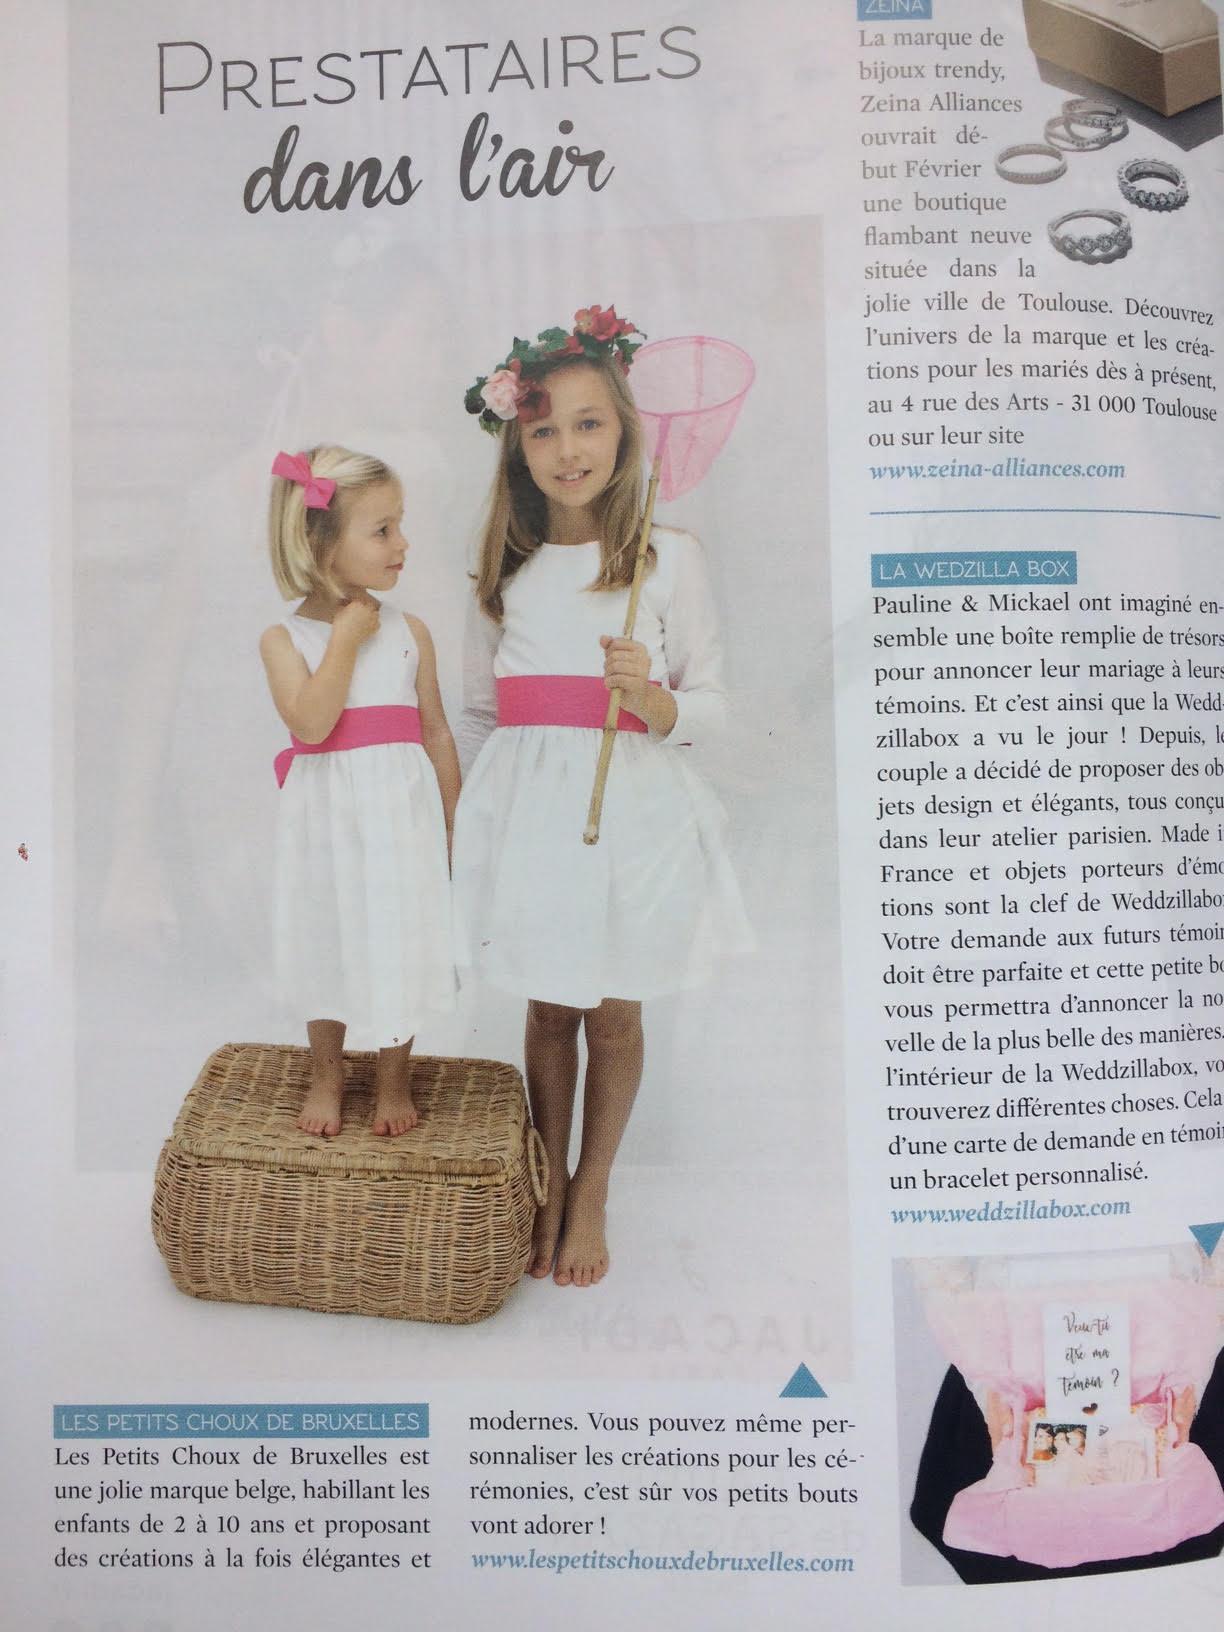 Les petits choux de Bruxelles dans le Wedding Magazine n°9